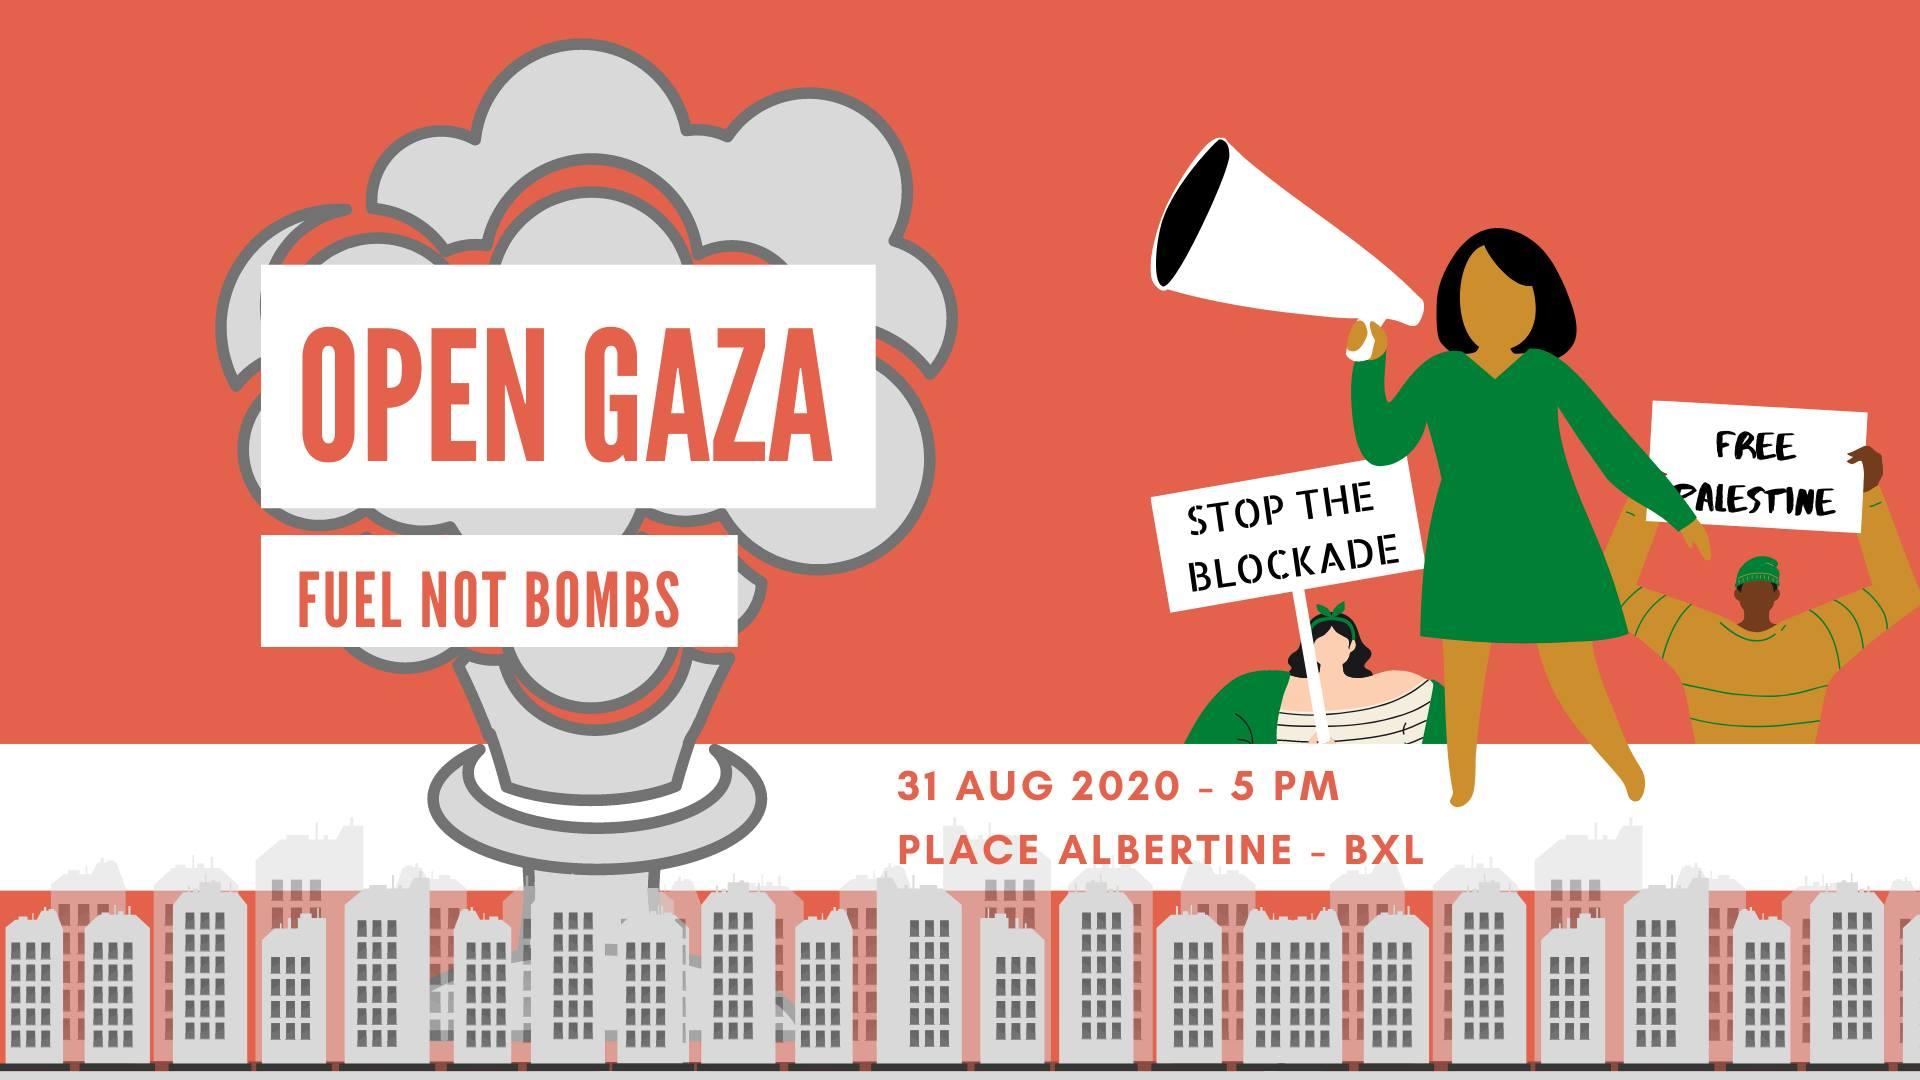 Communiqué de presse : Ouvrons Gaza, ses habitants ont besoin de carburants, pas de bombes!